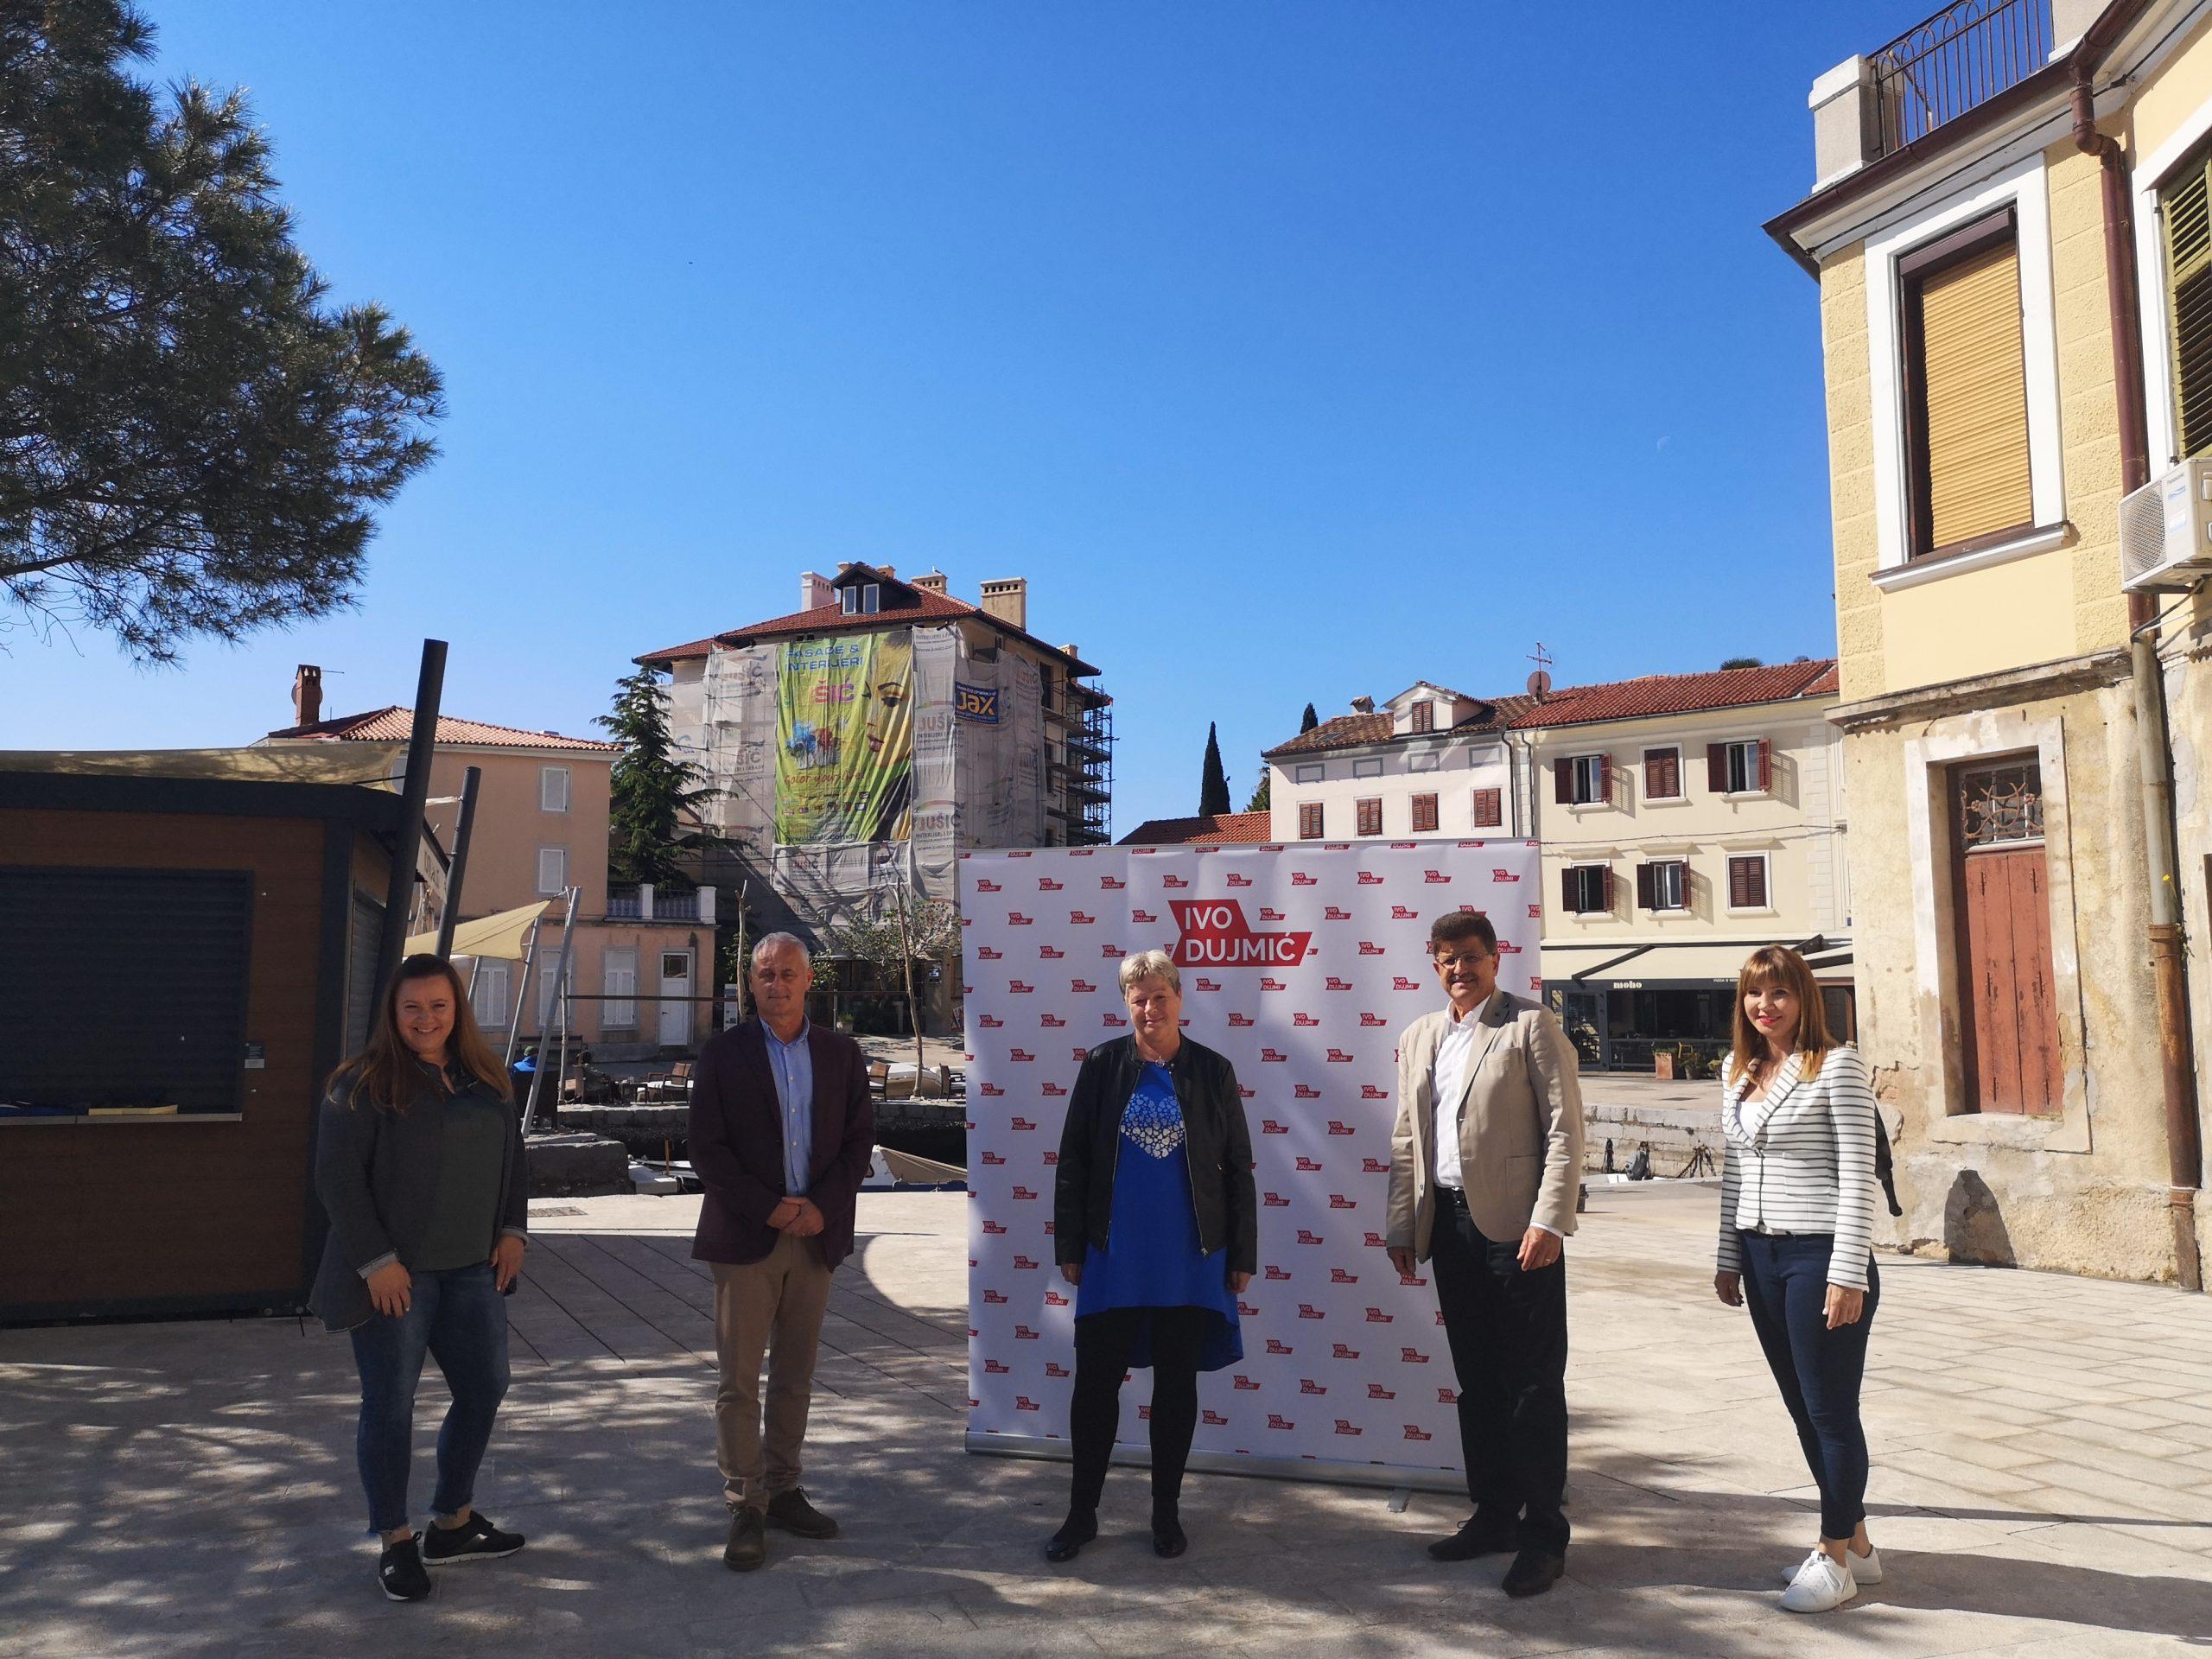 Sandra Kinkela, Emil Priskić, Katarina Srdoč, Ivo Dujmić i Vera Aničić u Voloskom / Foto A. KUĆEL ILIĆ